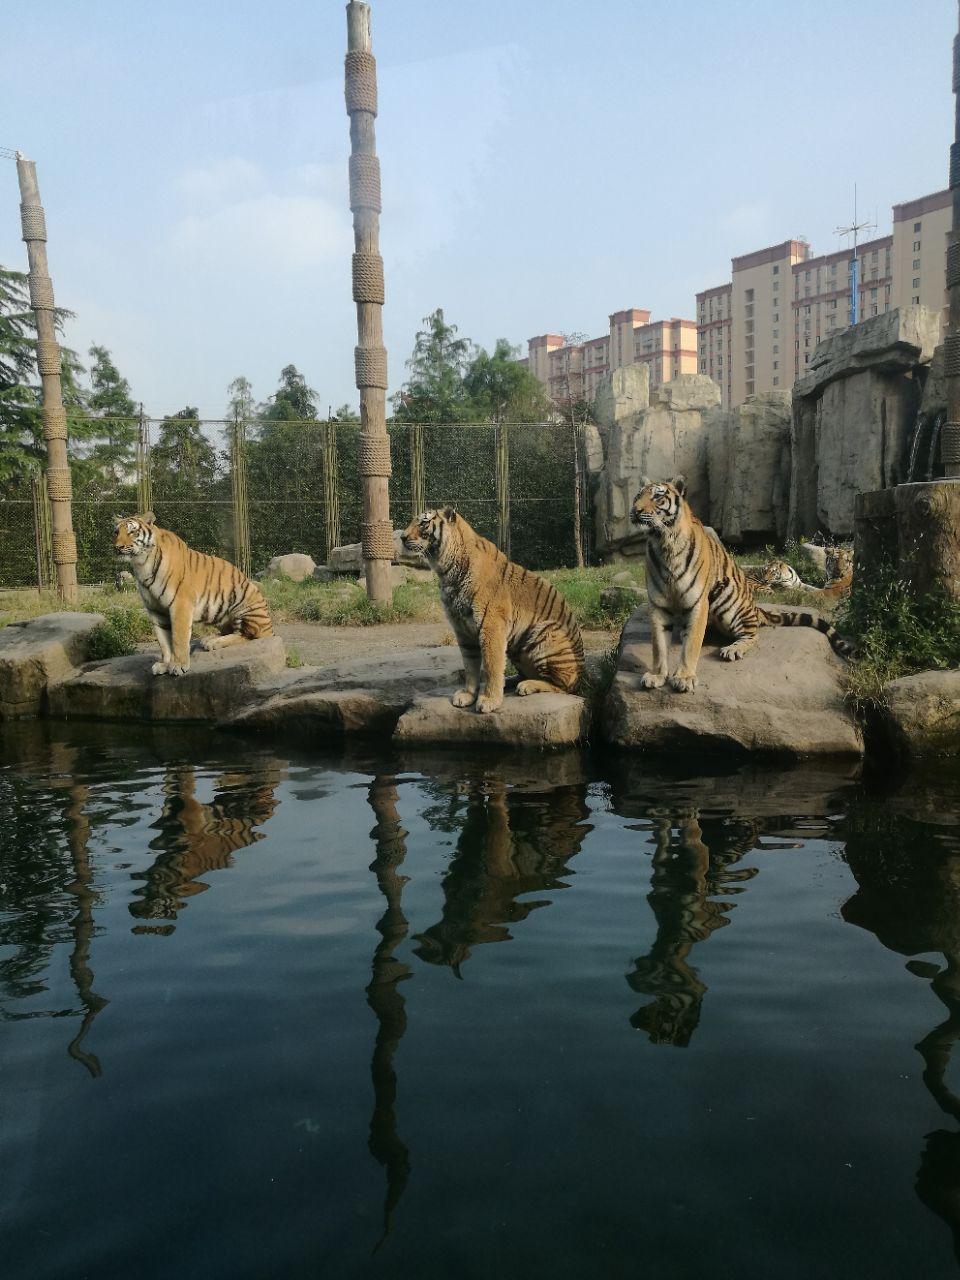 2019上海野生动物园_旅游攻略_门票_地址_游记点评